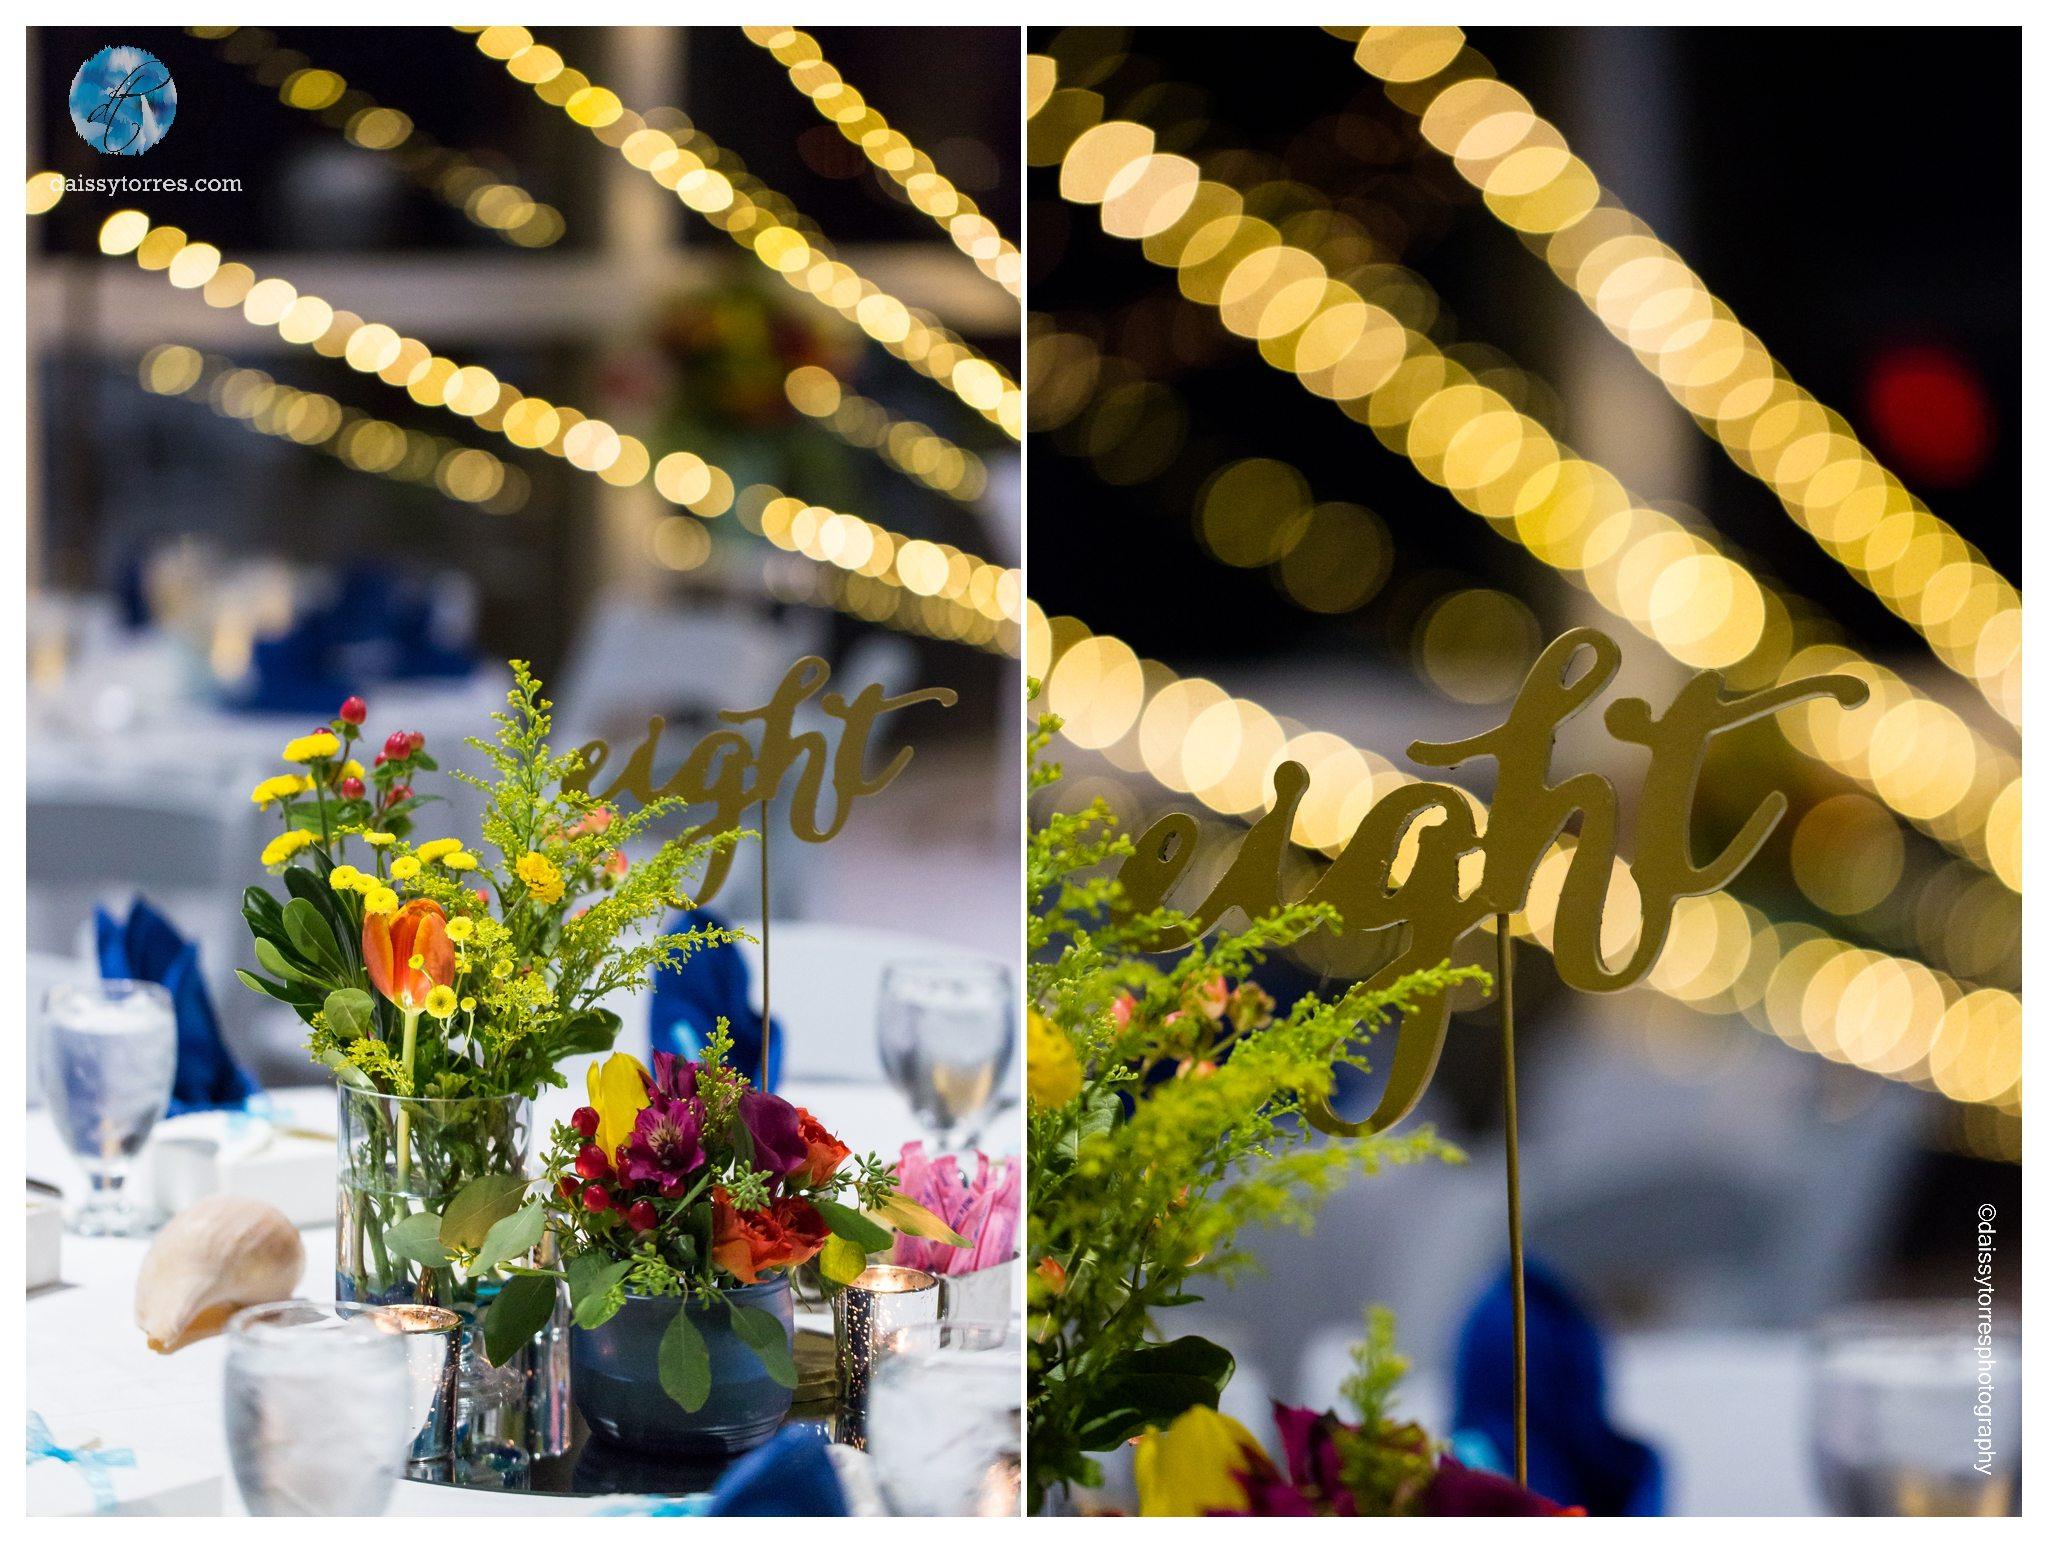 Virginia Aquarium Wedding - decor